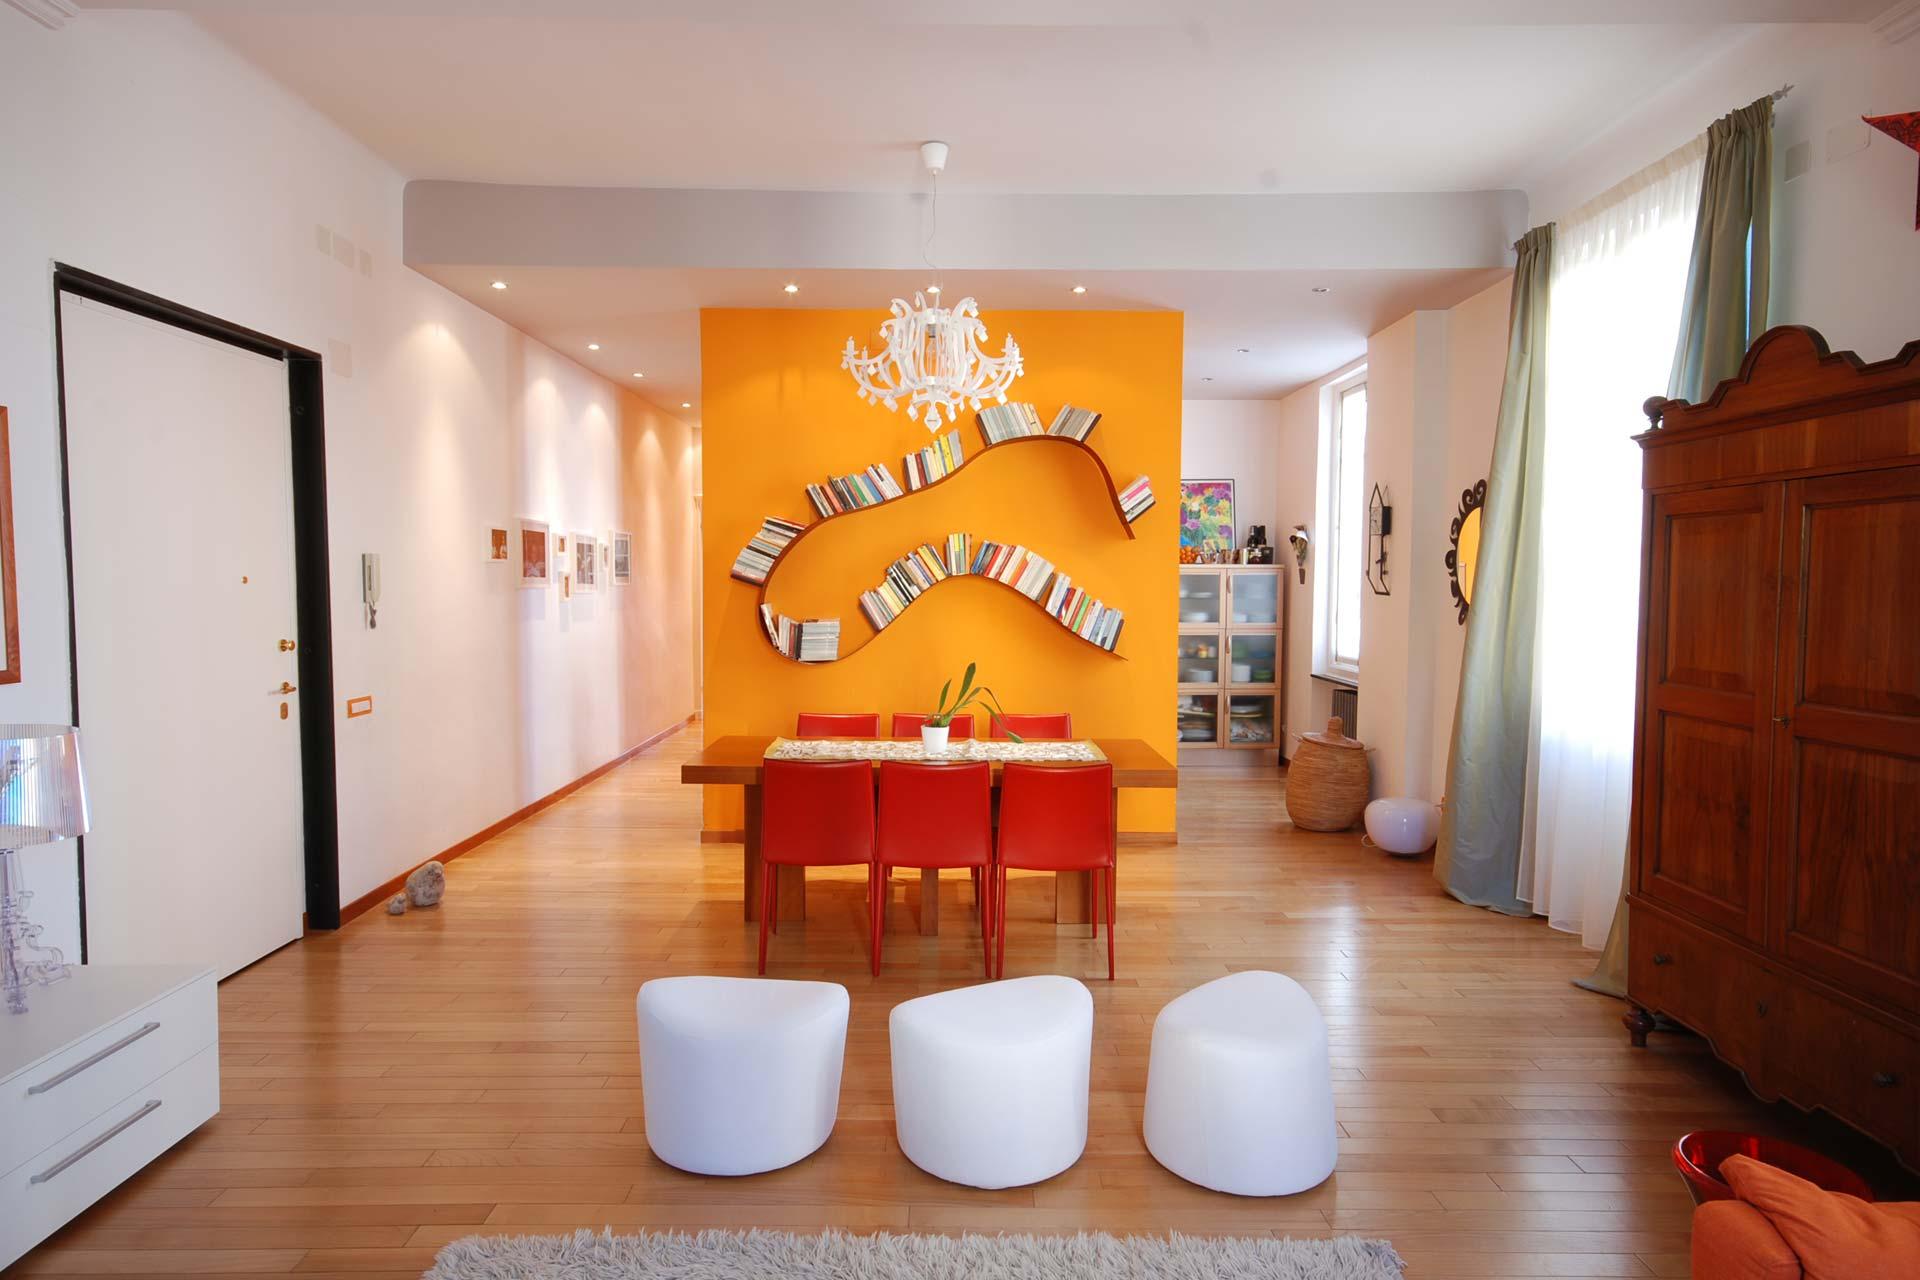 Una casa giocosa con le pareti colorate, un'architettura d'interni di Roberto Silvestri Architetto